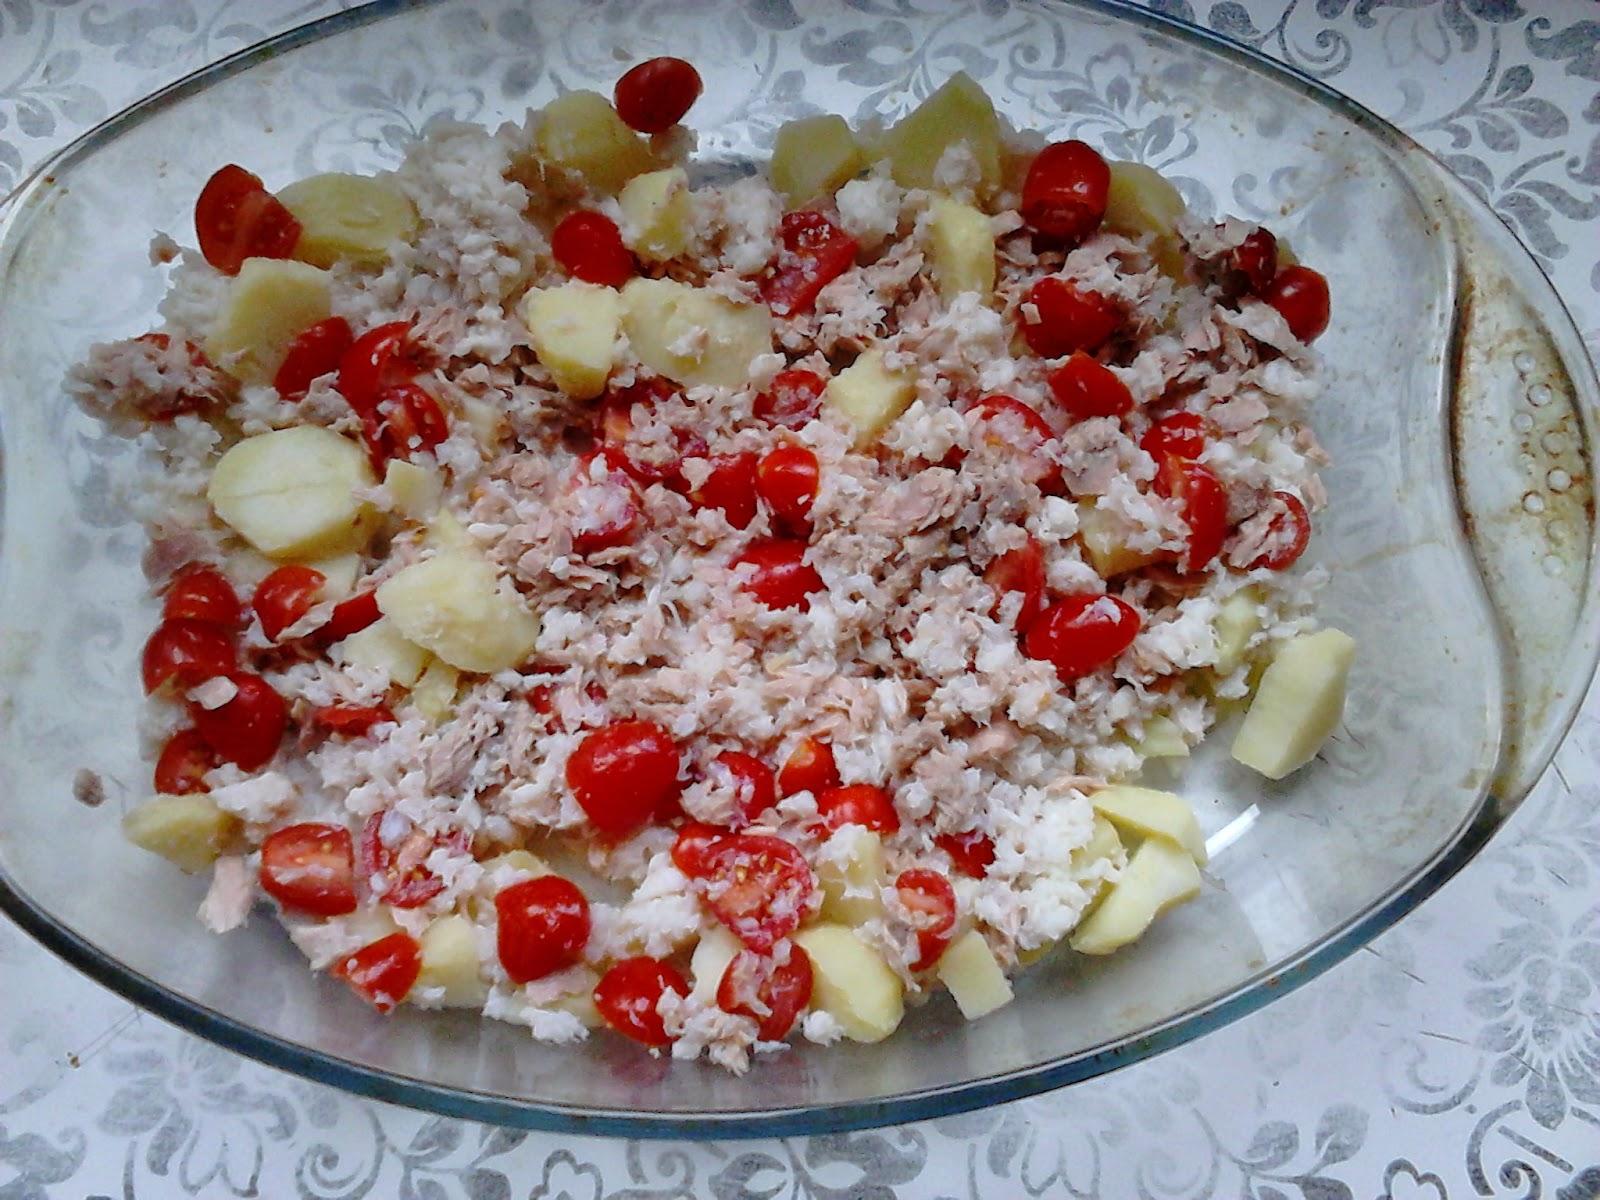 Petite salade composée dans un plat